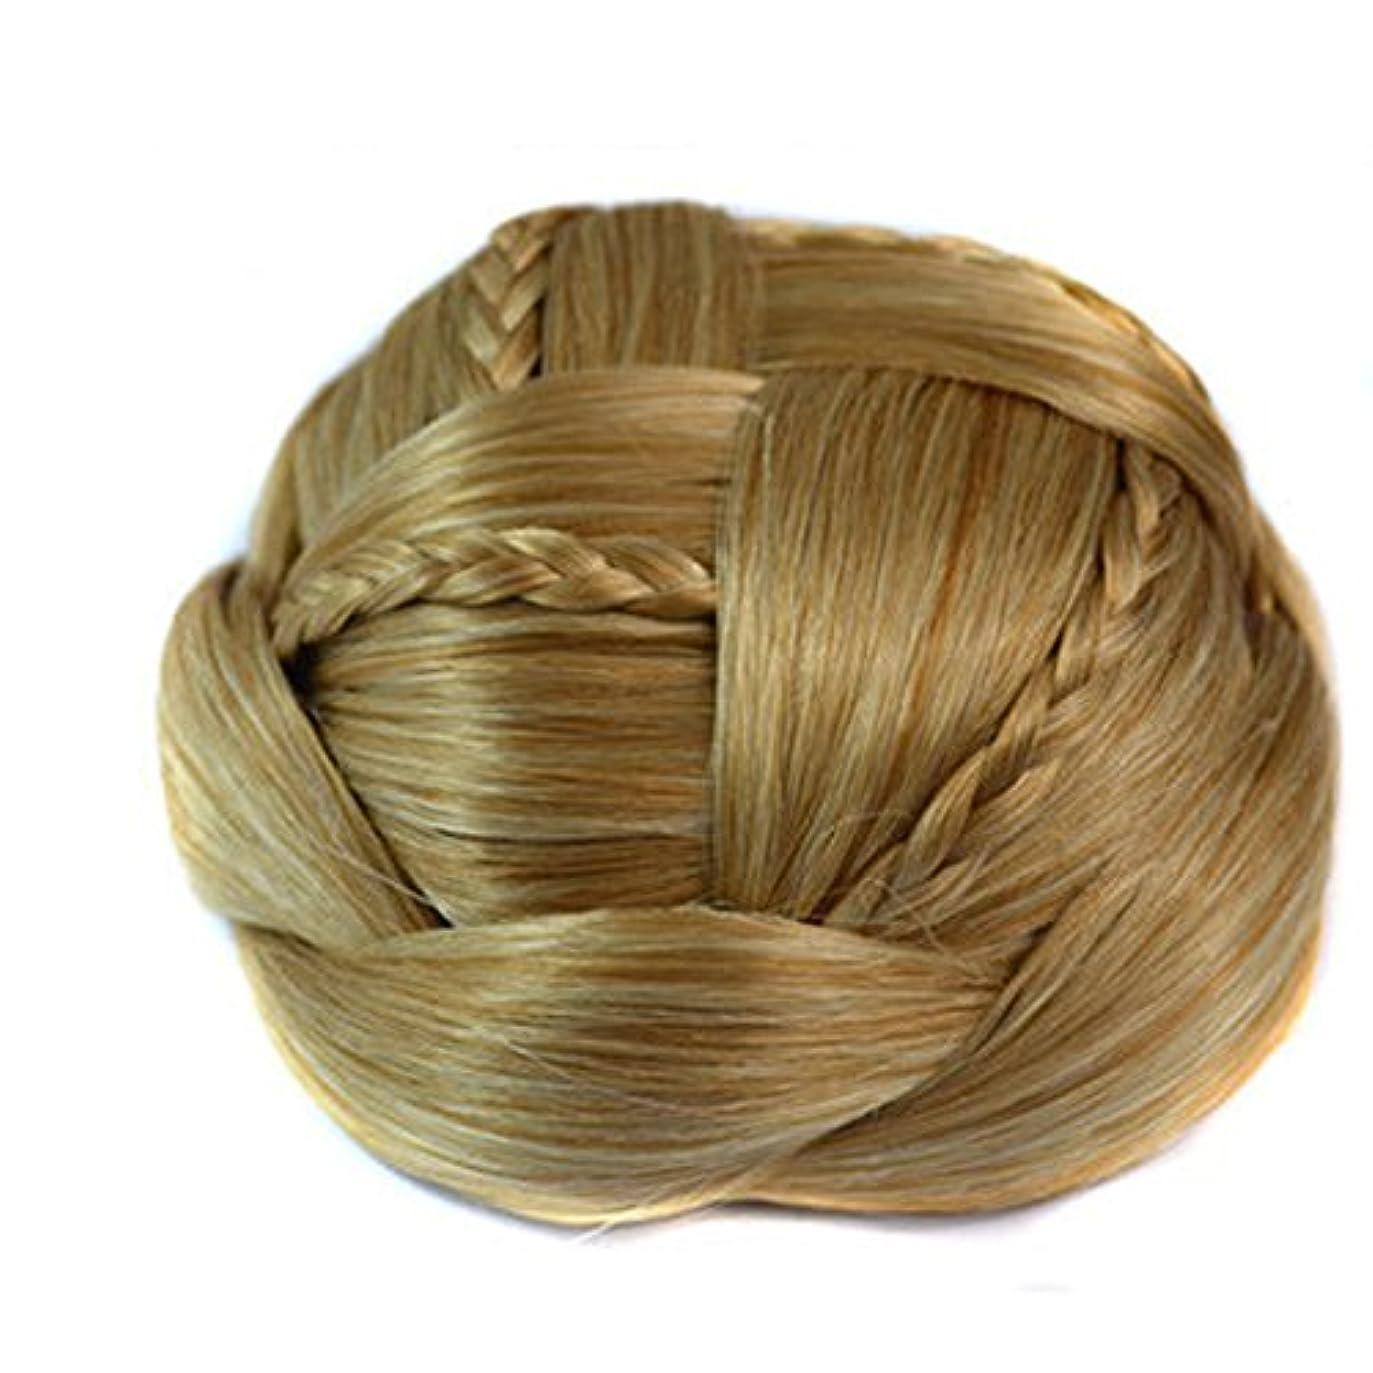 社会学落胆する洗練されたJIANFU ブライダルメイクアップエクステンションウィッグ - ナチュラルヘアエクステンションのボールヘッドクリップのレトロウィッグ (Color : Golden white)